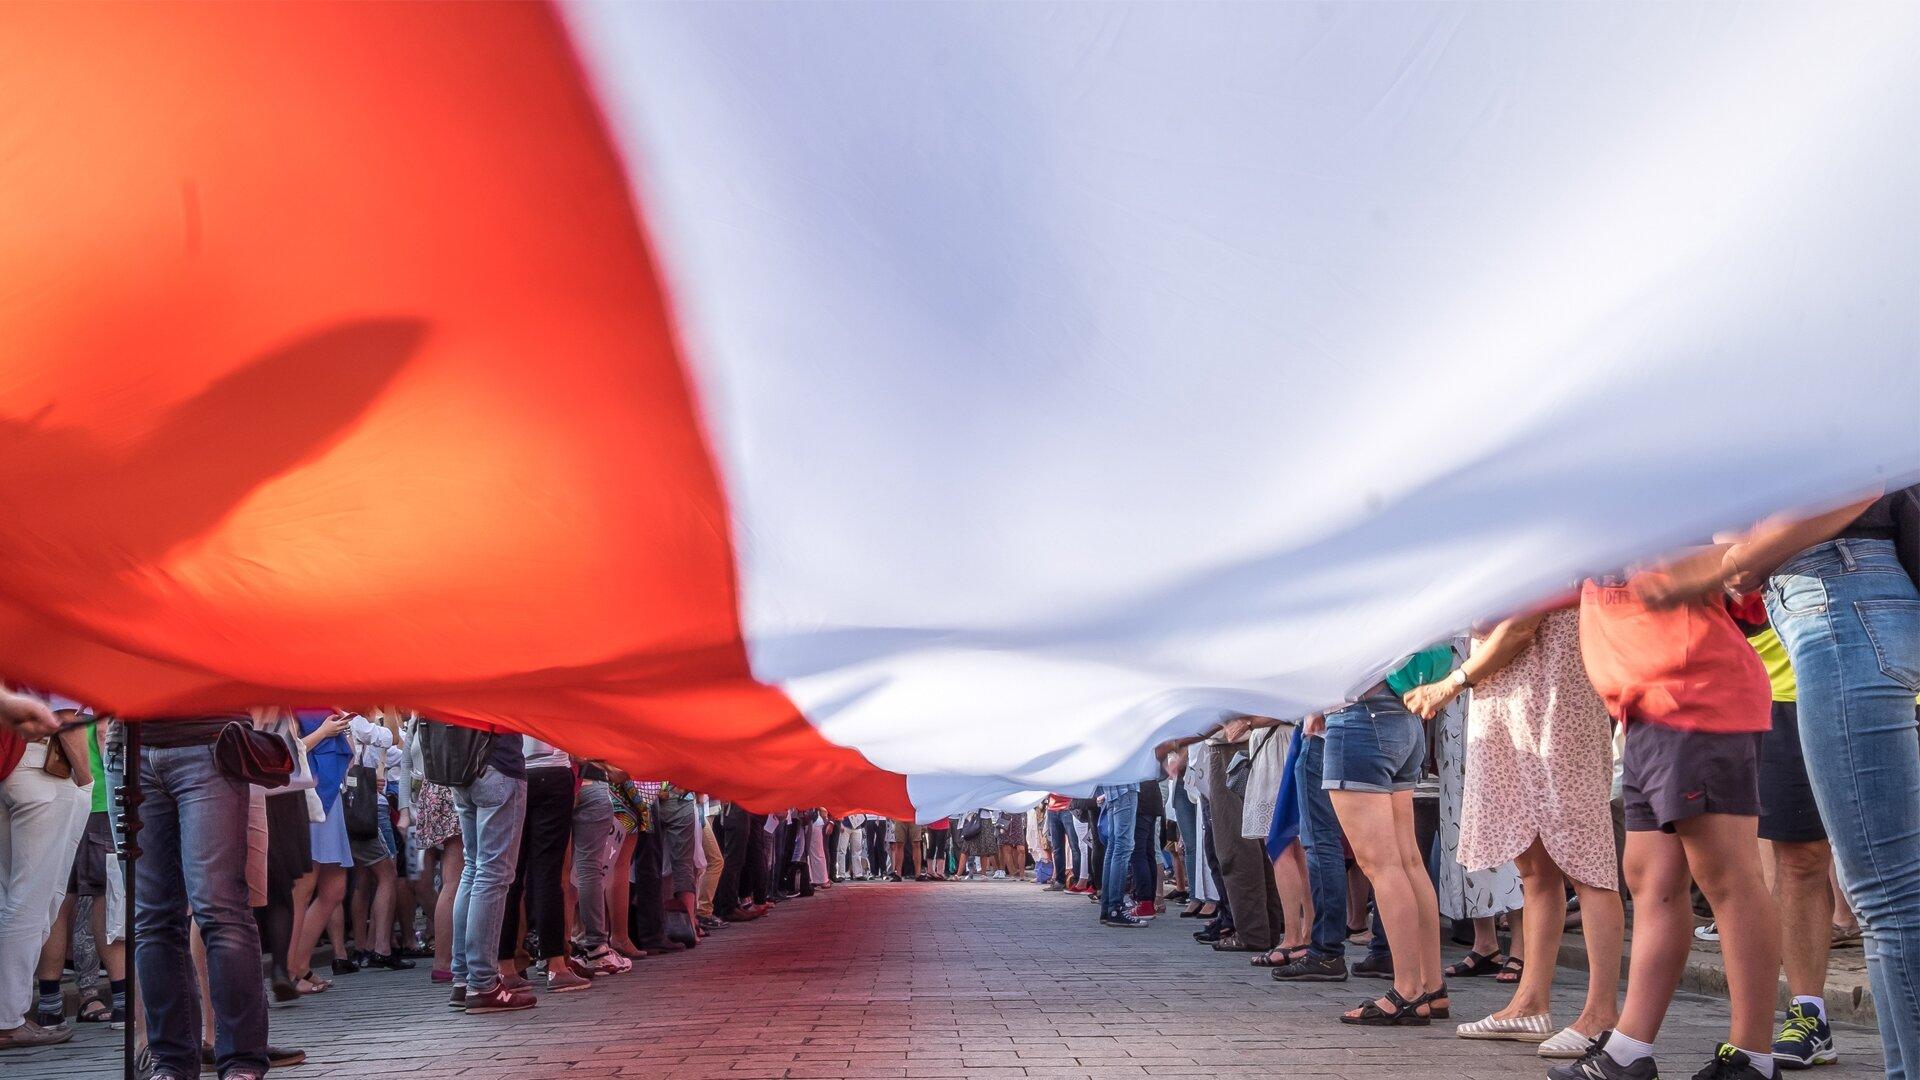 """Ilustracja przedstawia zdjęcie bardzo licznej grupy ludzi uczestniczących wpatriotycznej manifestacji. Duża grupa uczestników ustawionych wdwa szeregi ludzi ( kobiety imężczyźni ) trzyma rozciągniętą wpoziomie bardzo długą biało-czerwoną flagę Polski. Ujęcie jest bardzo ciekawe. Zdjęcie zrobione jest """" od spodu"""", zpoziomu powierzchni ulicy. Rozciągnięta flaga przesłania niebo isylwetki od pasa wgórę trzymających ją ludzi. Poza osobami trzymającymi flagę plac, na którym odbywa się manifestacja, wypełnia tłum innych uczestników manifestacji."""